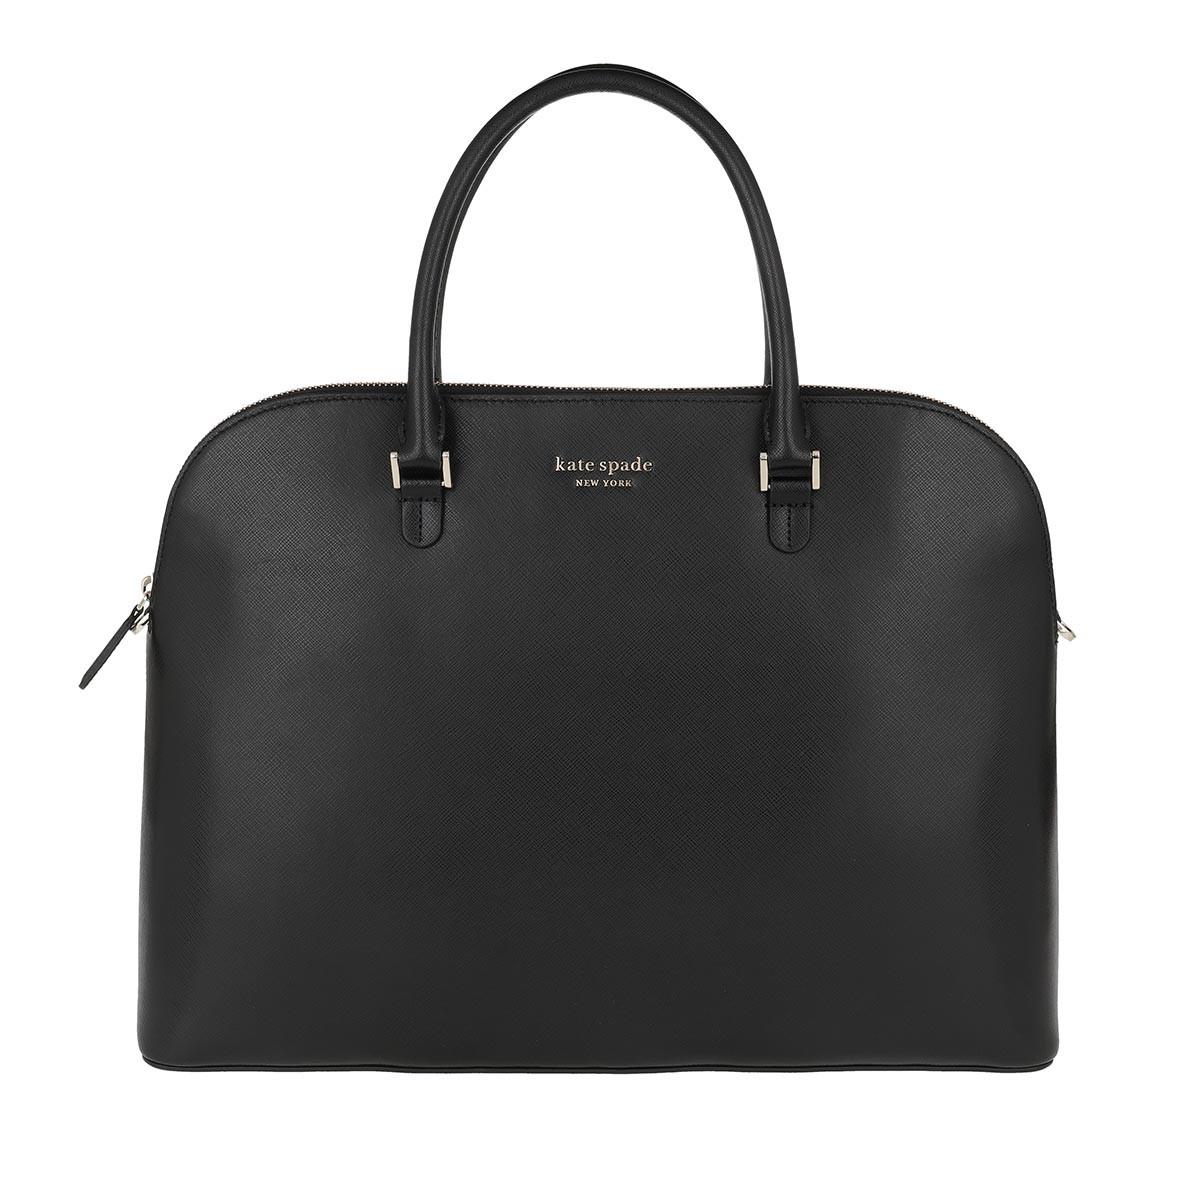 Kate Spade New York Laptoptasche - Spencer Universal Laptop Bag Black - in schwarz - für Damen